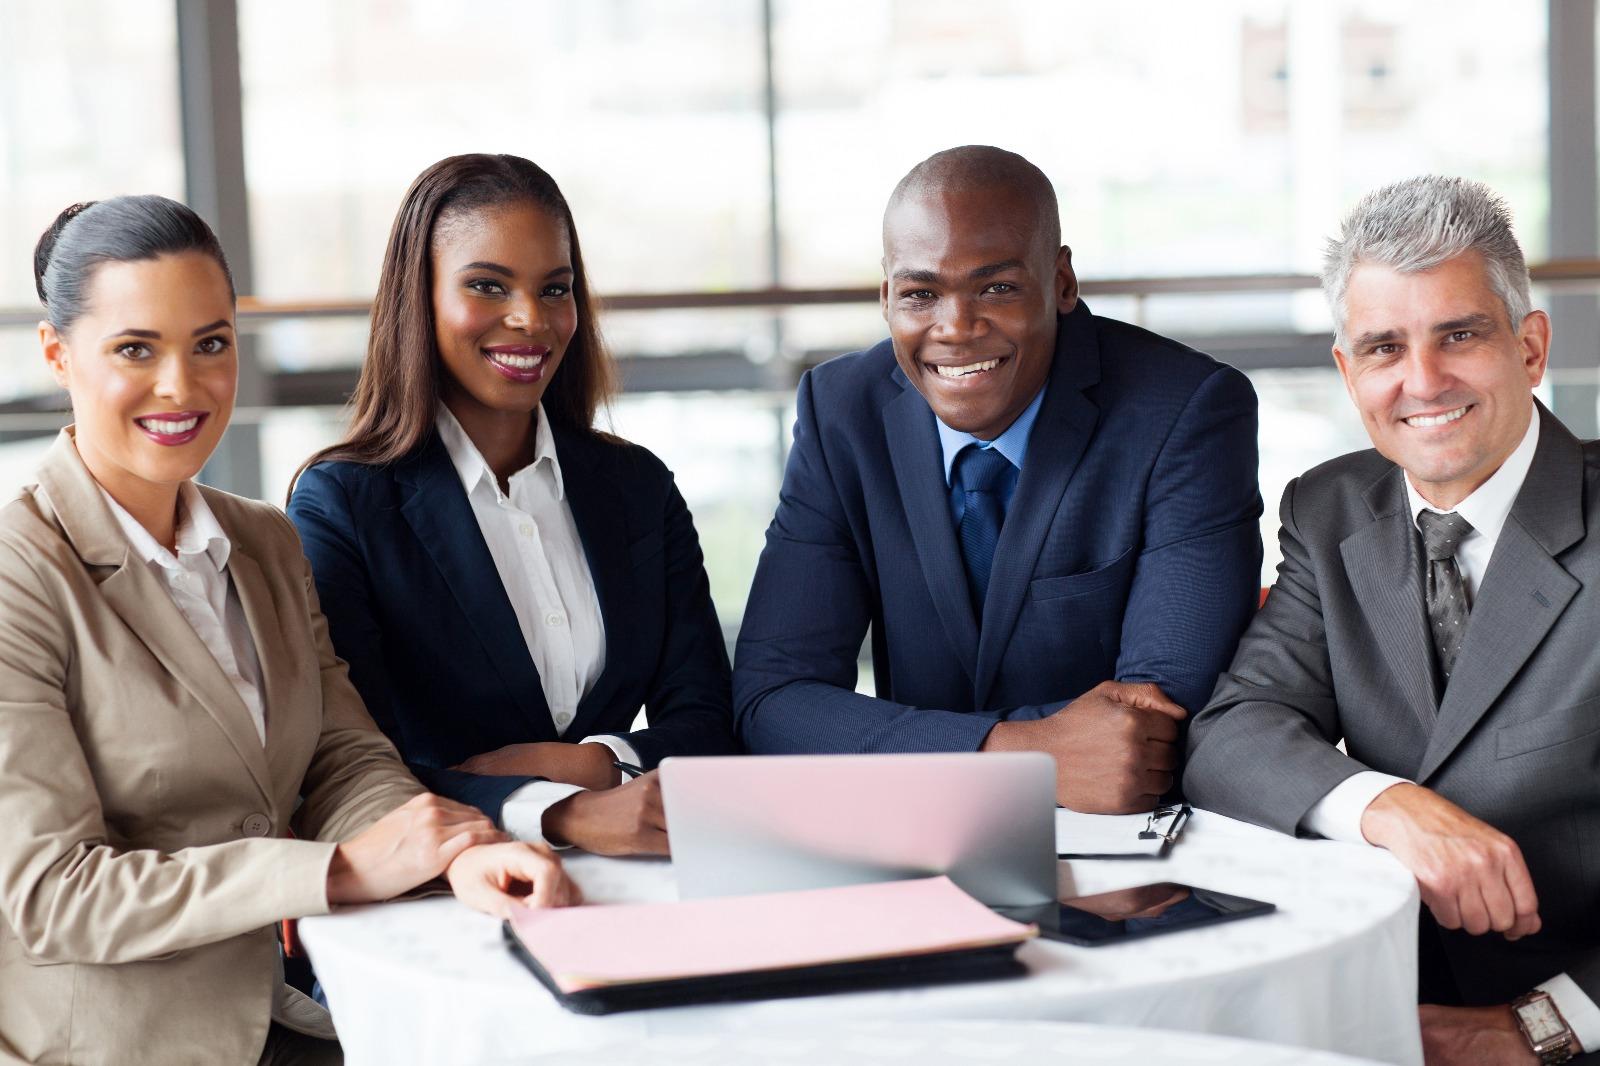 RDC : la quatrième session de Congo Business Network prévue le 5 janvier 2019 1